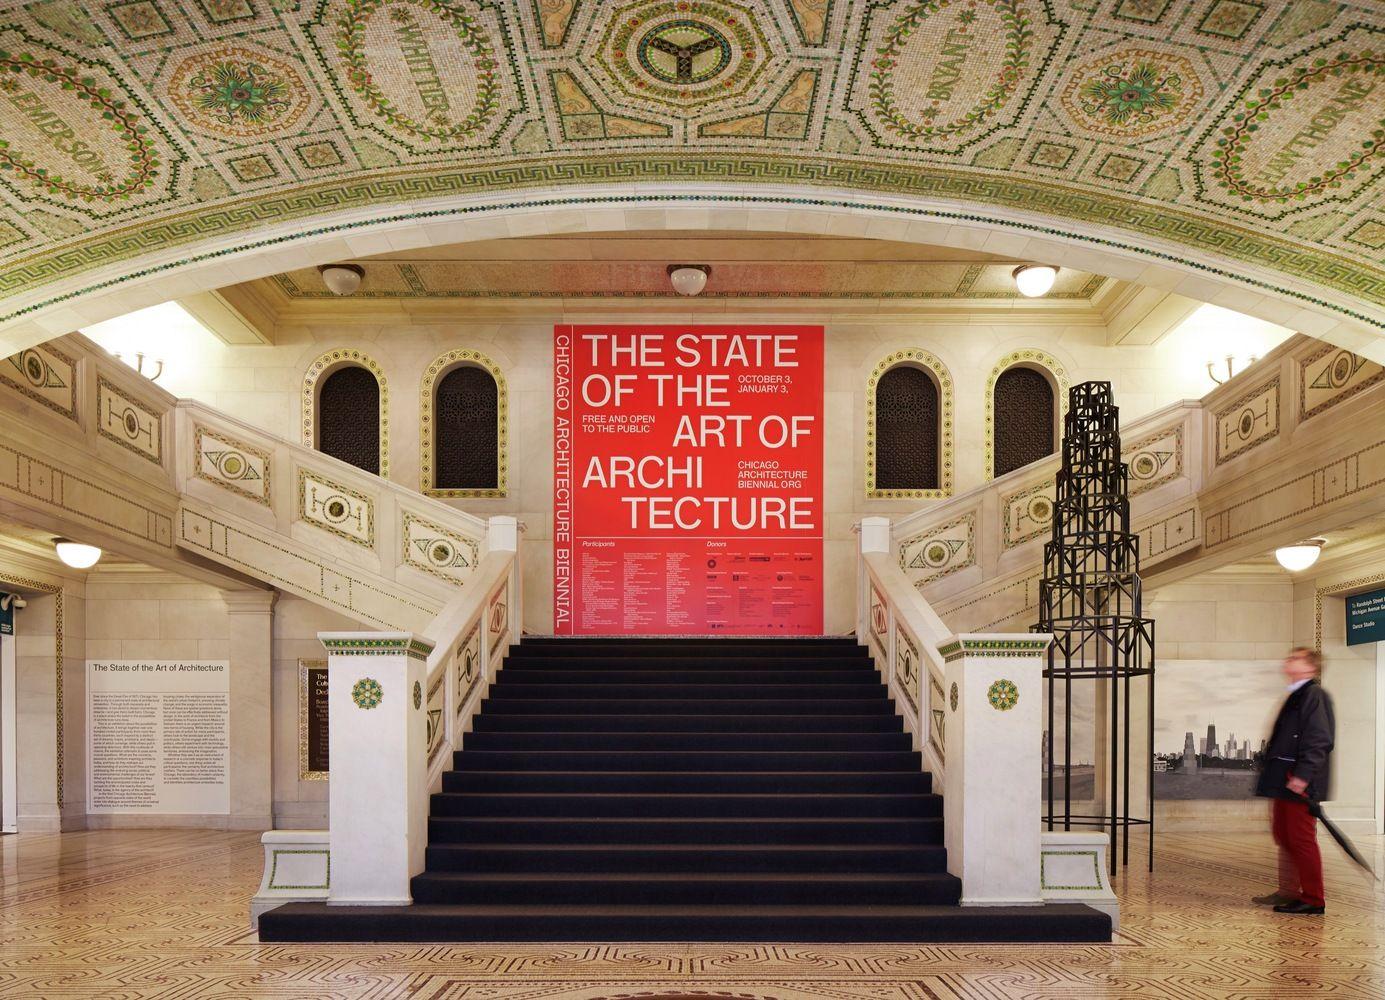 Galeria - 1 instalações que você tem que visitar na Bienal de Arquitetura de Chicago - 2